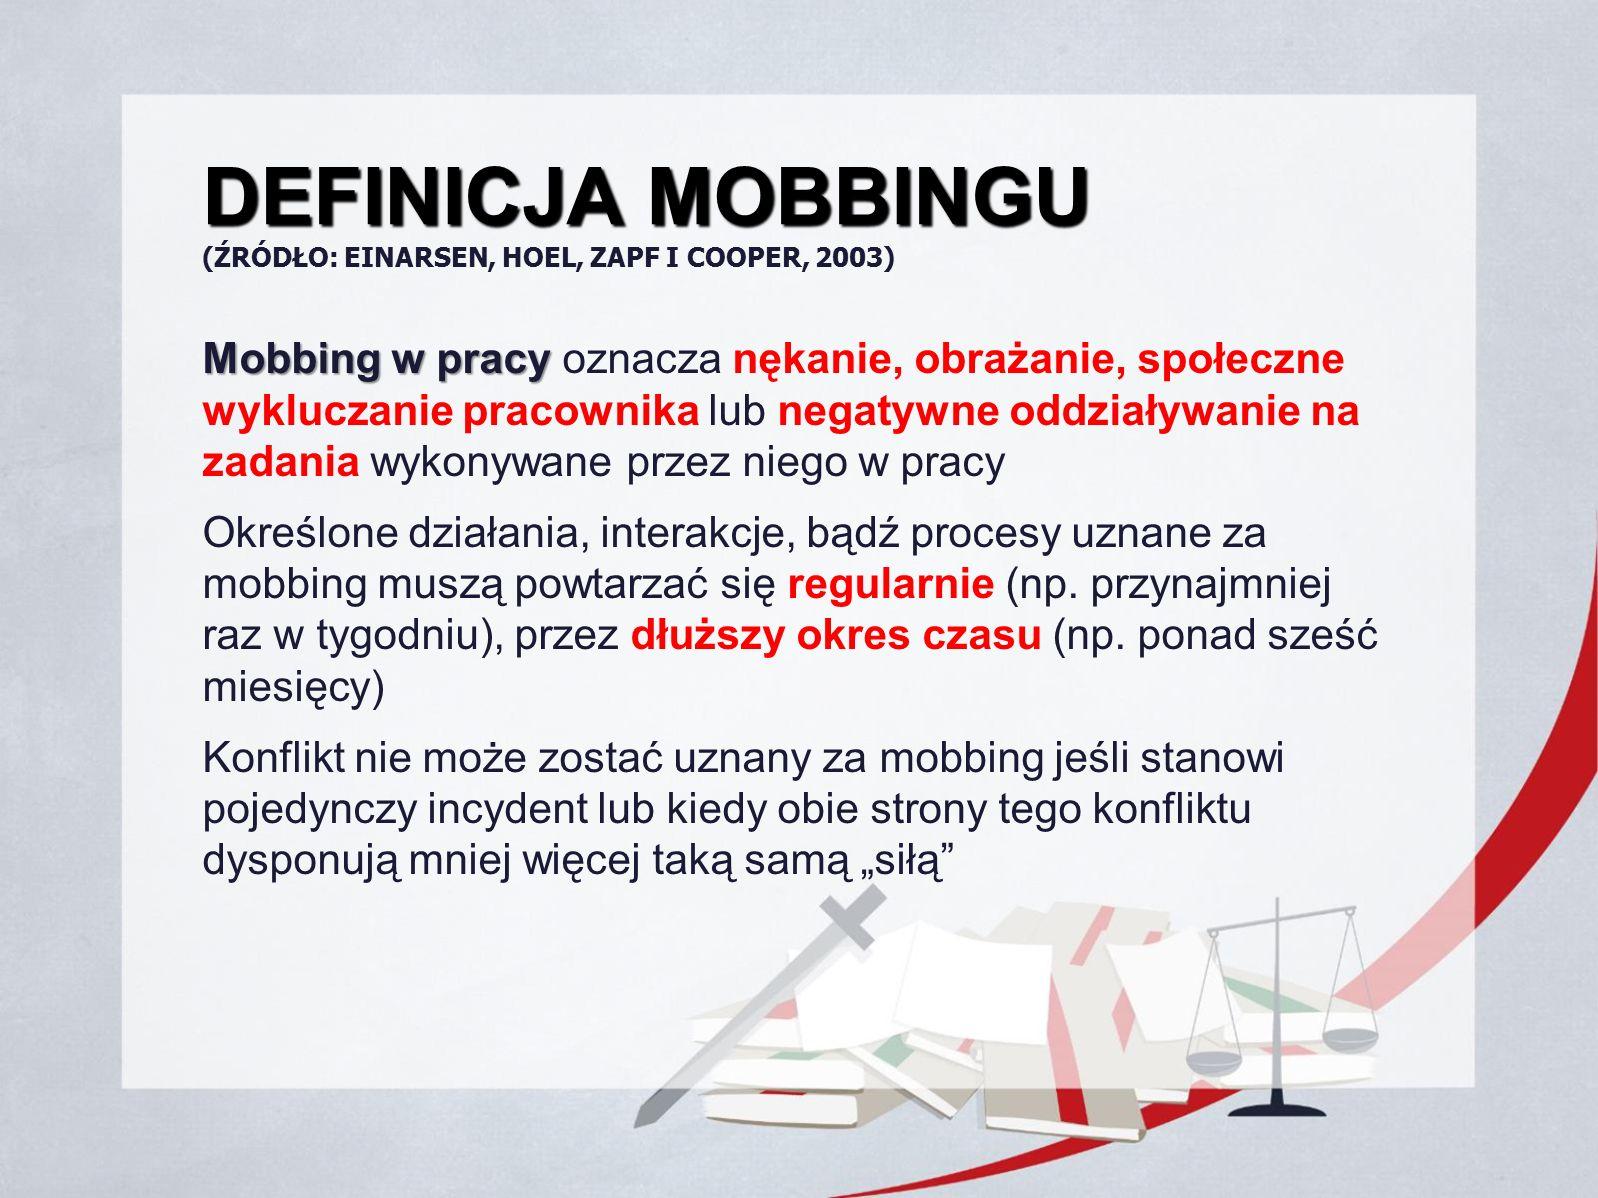 DEFINICJA MOBBINGU DEFINICJA MOBBINGU (ŹRÓDŁO: EINARSEN, HOEL, ZAPF I COOPER, 2003) Mobbing w pracy Mobbing w pracy oznacza nękanie, obrażanie, społec